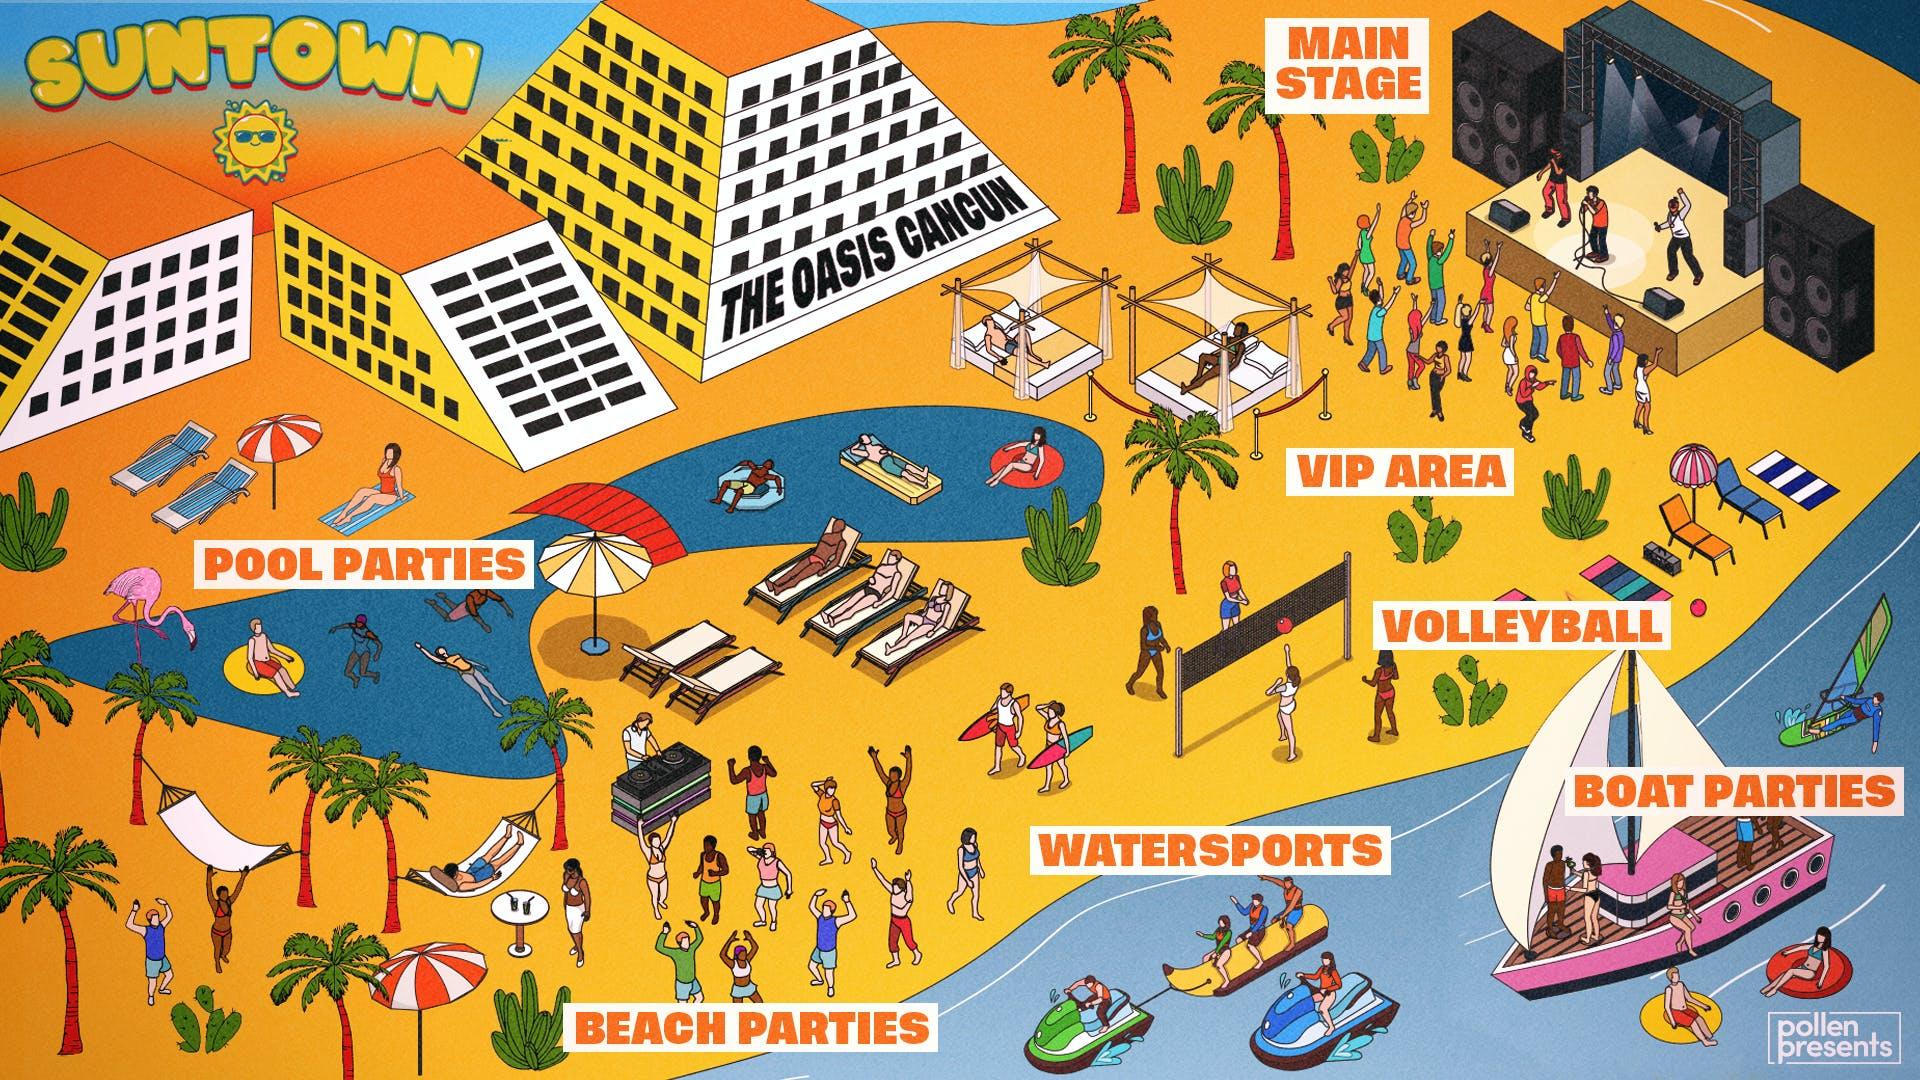 Map of Suntown